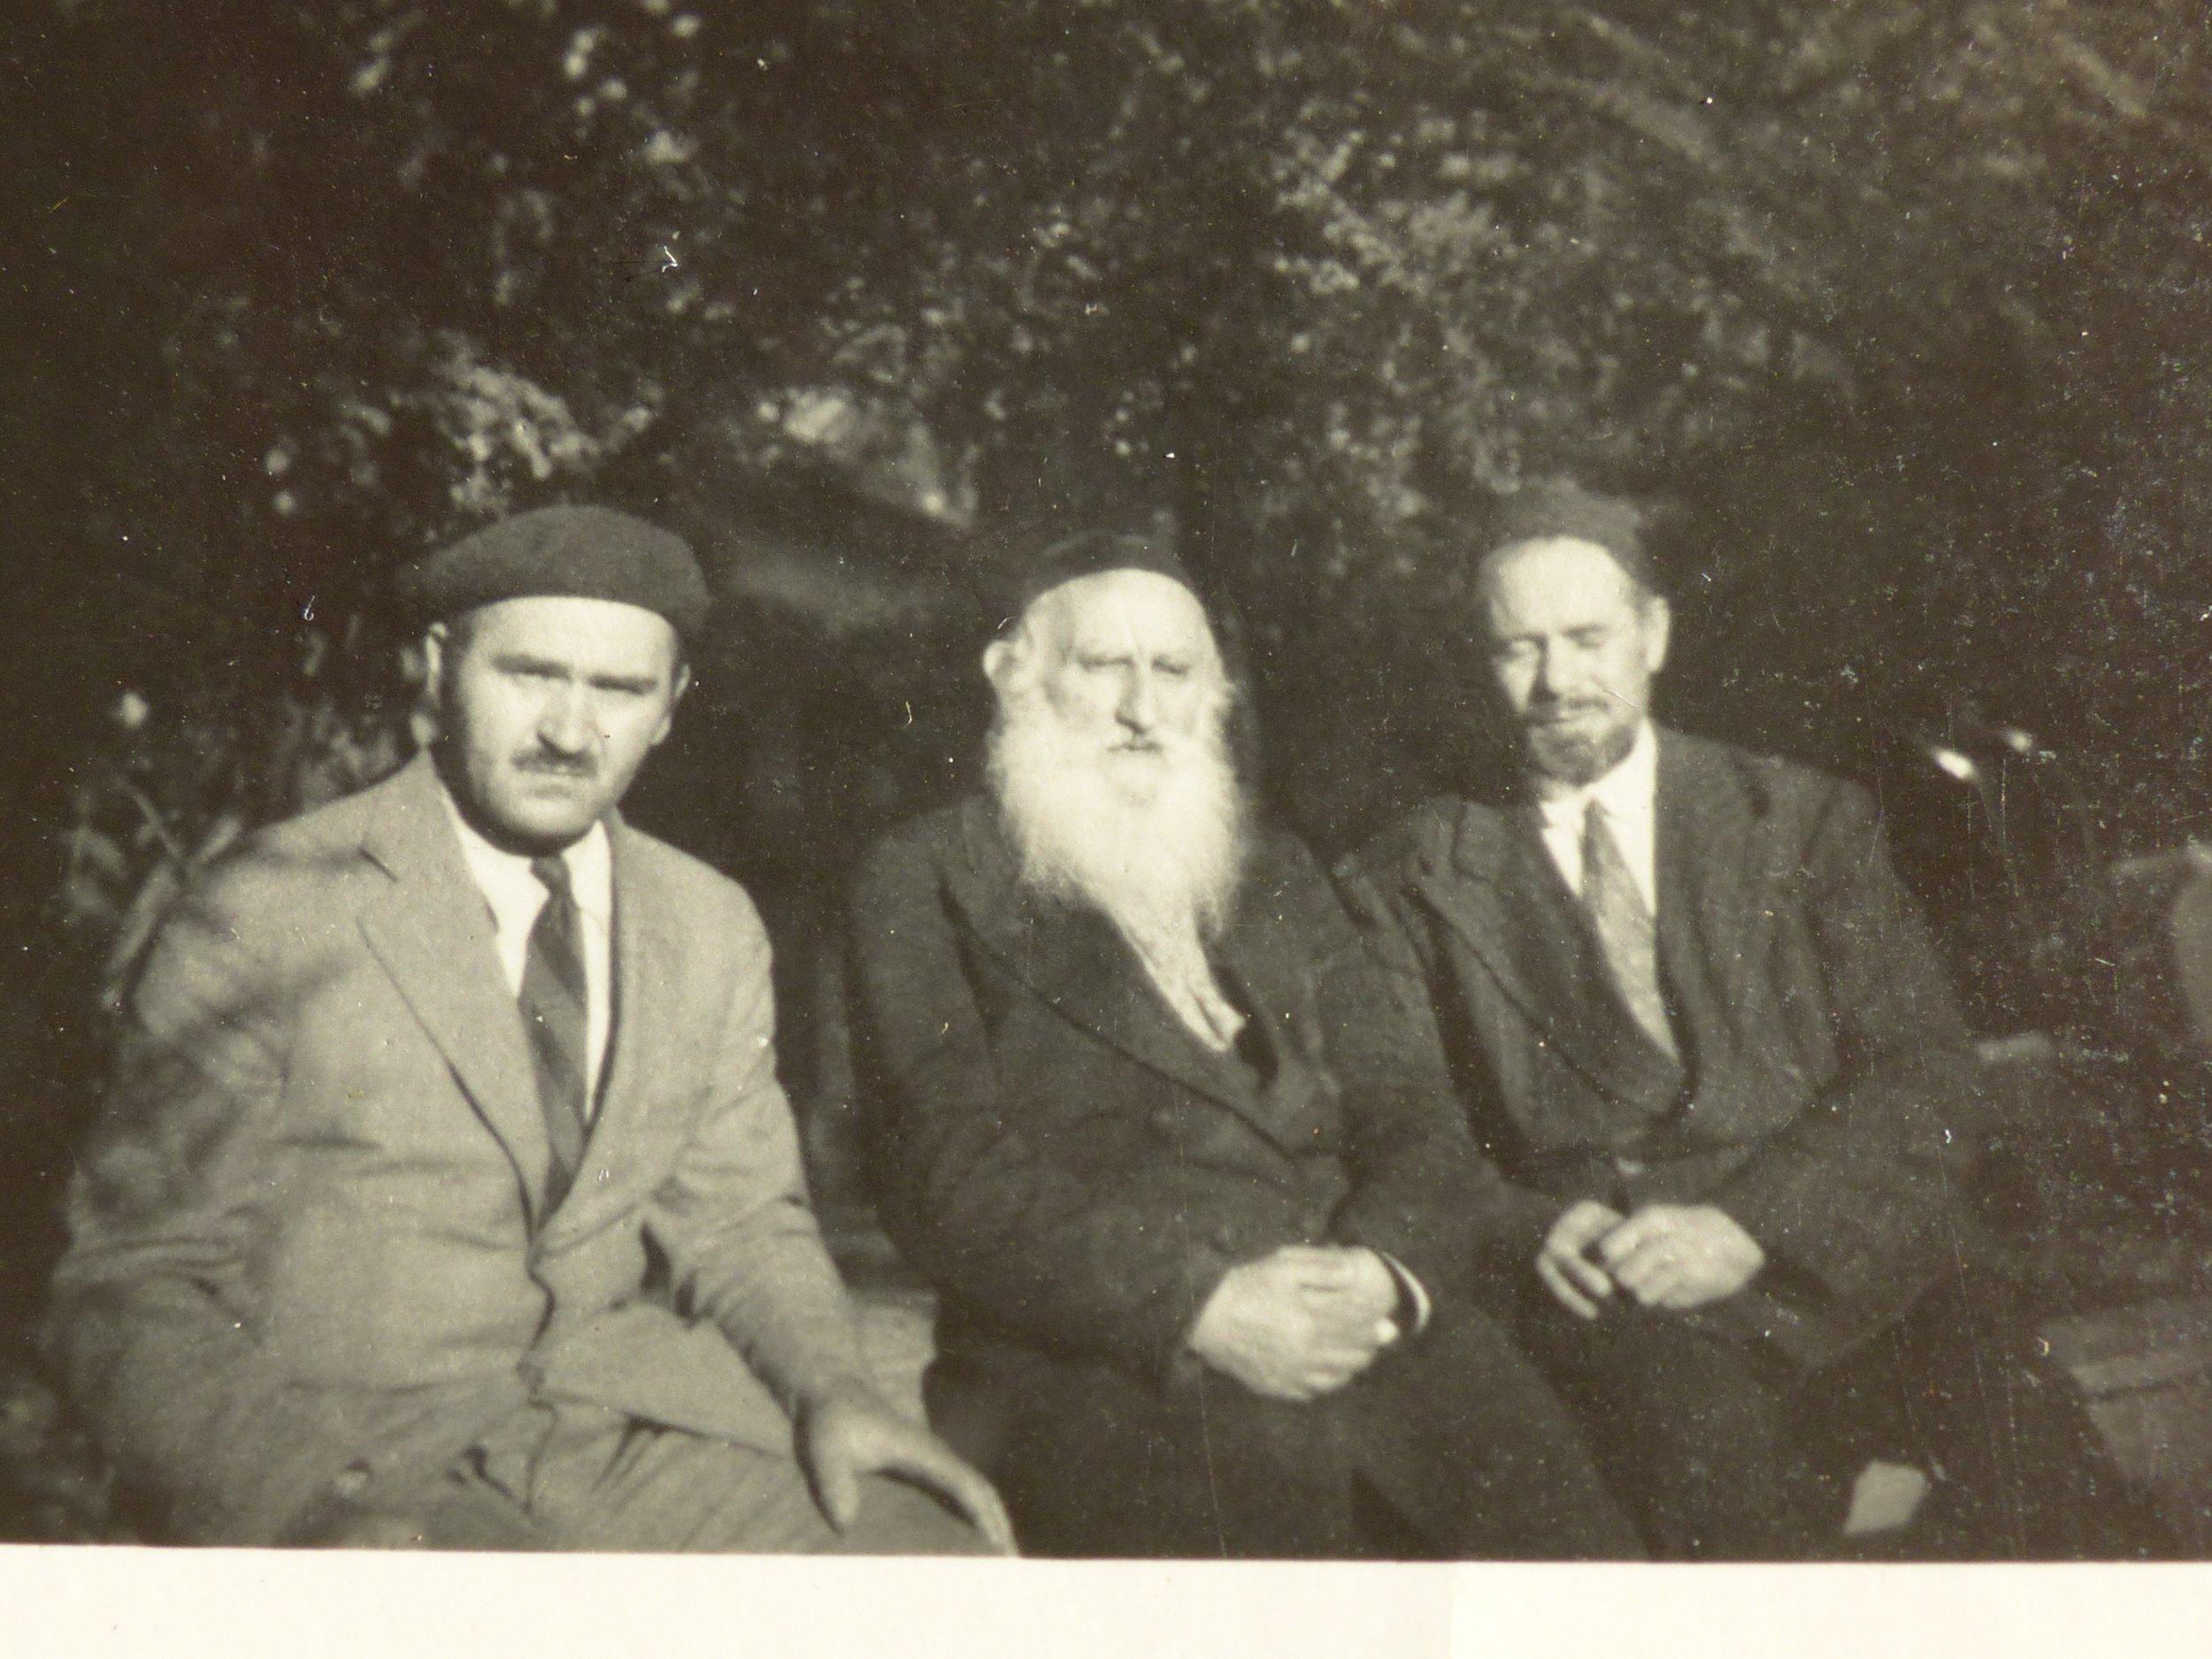 1947 BRANATICH ROUV RAV CHAJKIN RAV ELYOVICS.JPG